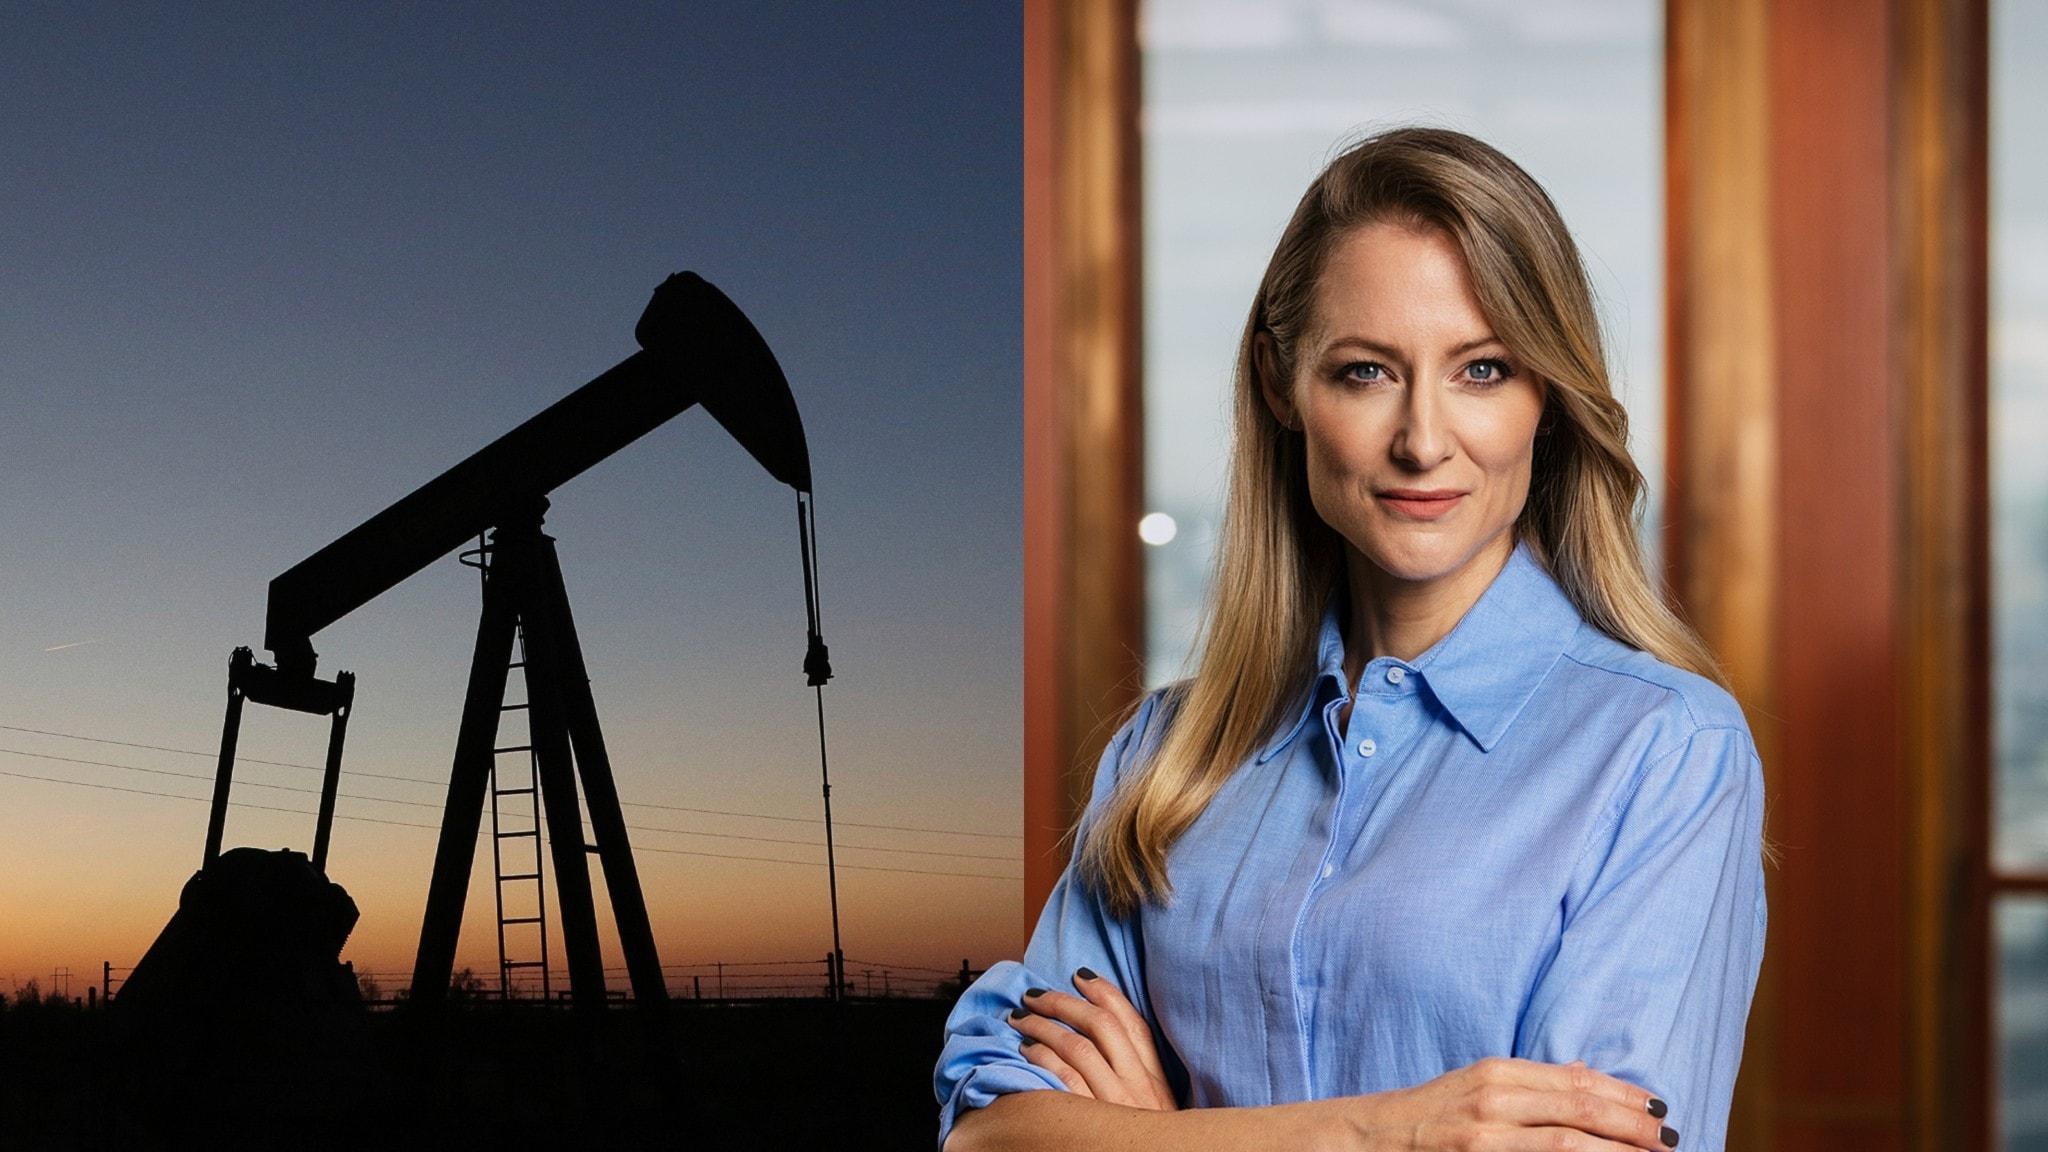 Oljan pumpas upp ur en oljekälla på land